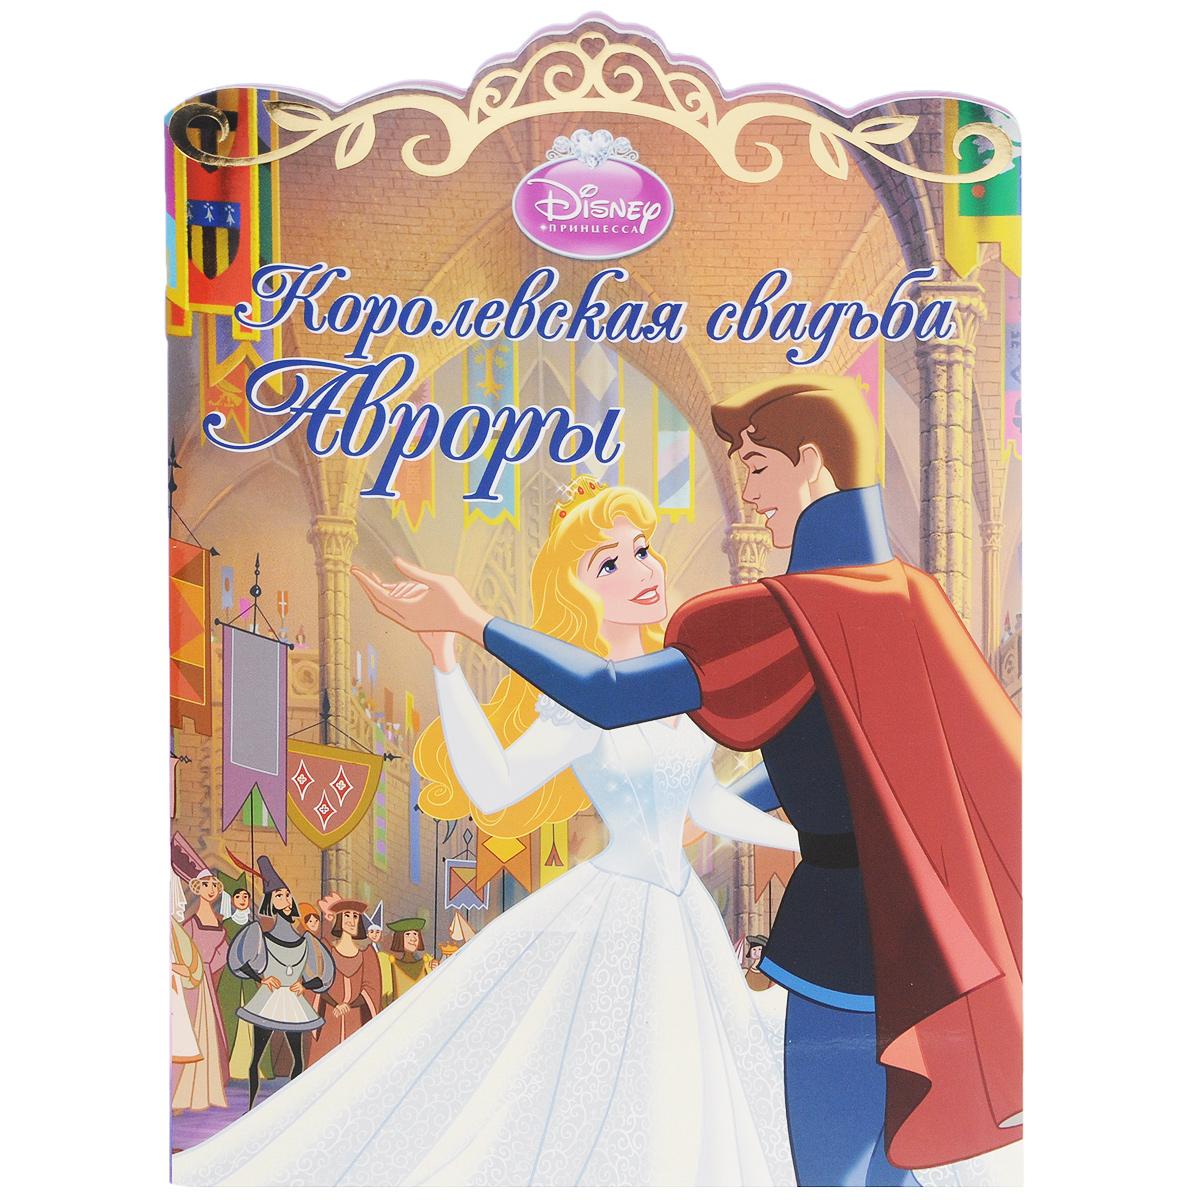 Королевская свадьба Авроры чулки женские свадьба